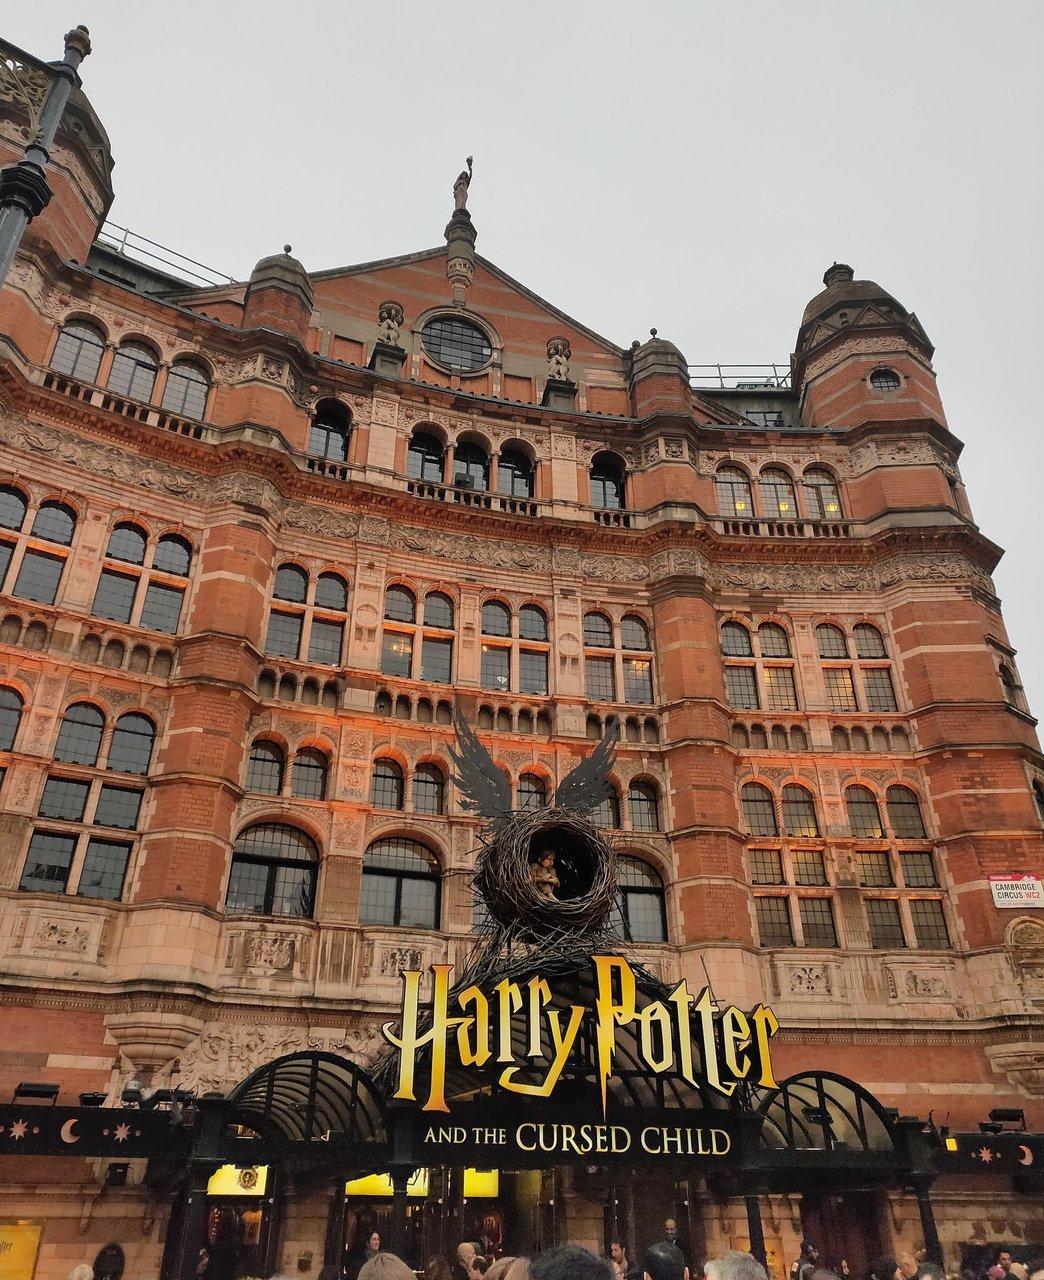 Palace Theatre london théâtre Harry Potter